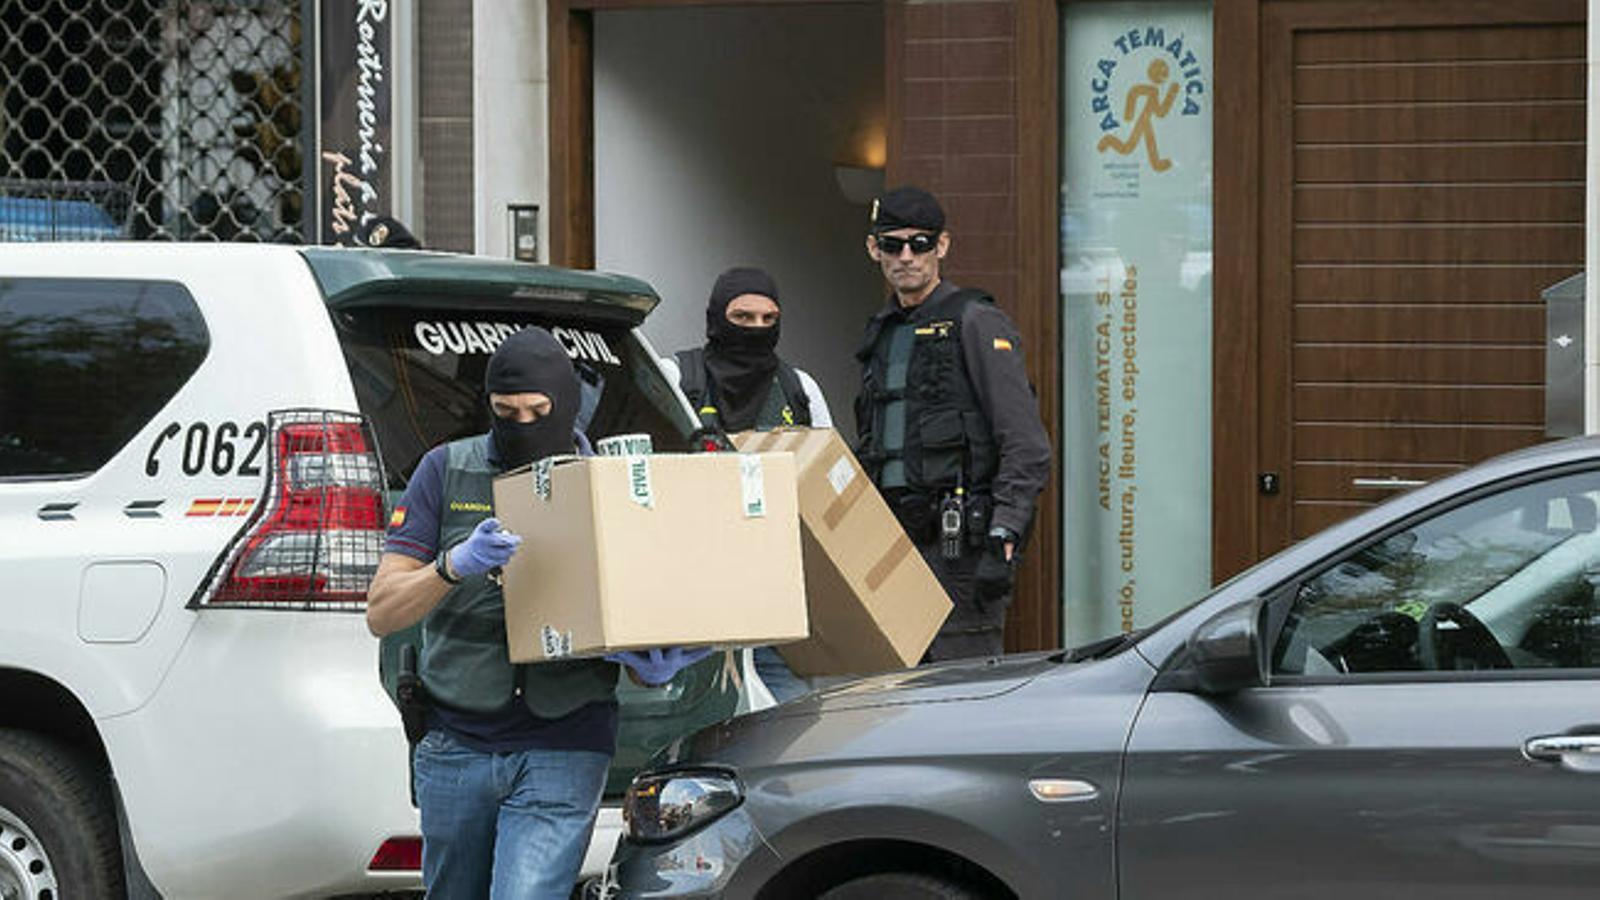 El sumari dels CDR apunta que els detinguts es van plantejar ocupar el Parlament en connivència amb Presidència